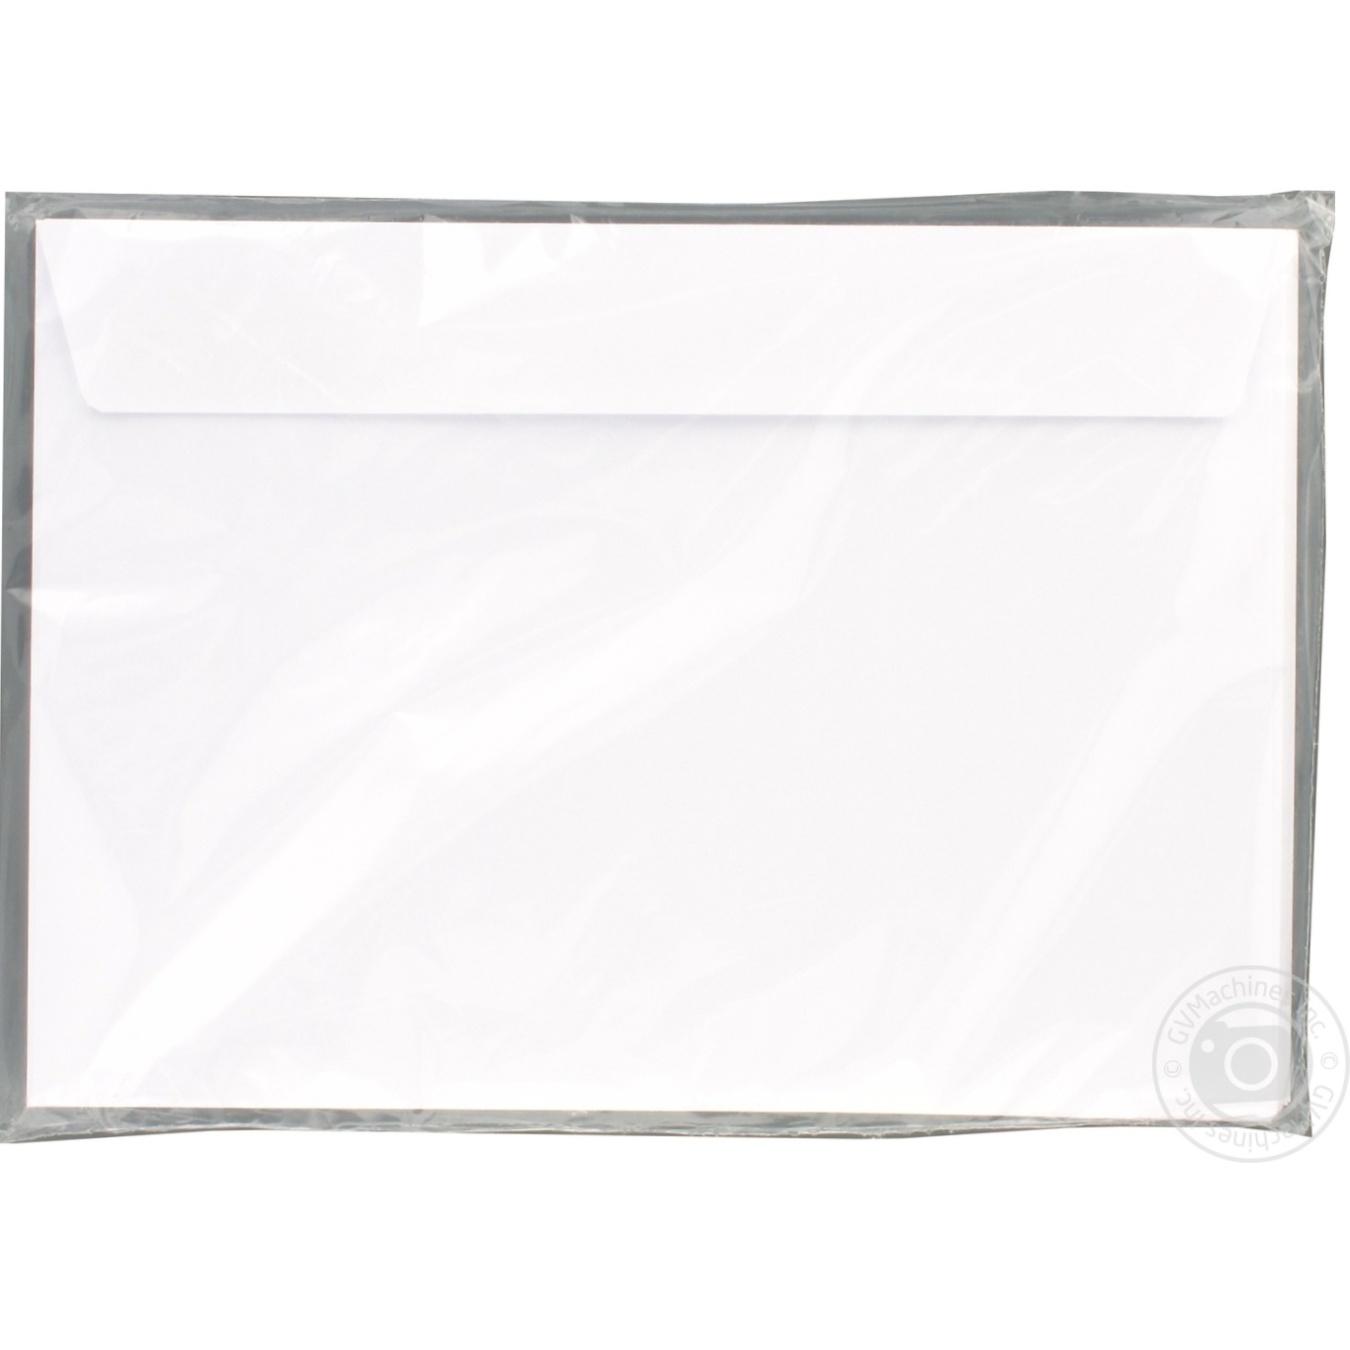 Конверт складной белый 80г/м2 20шт С5